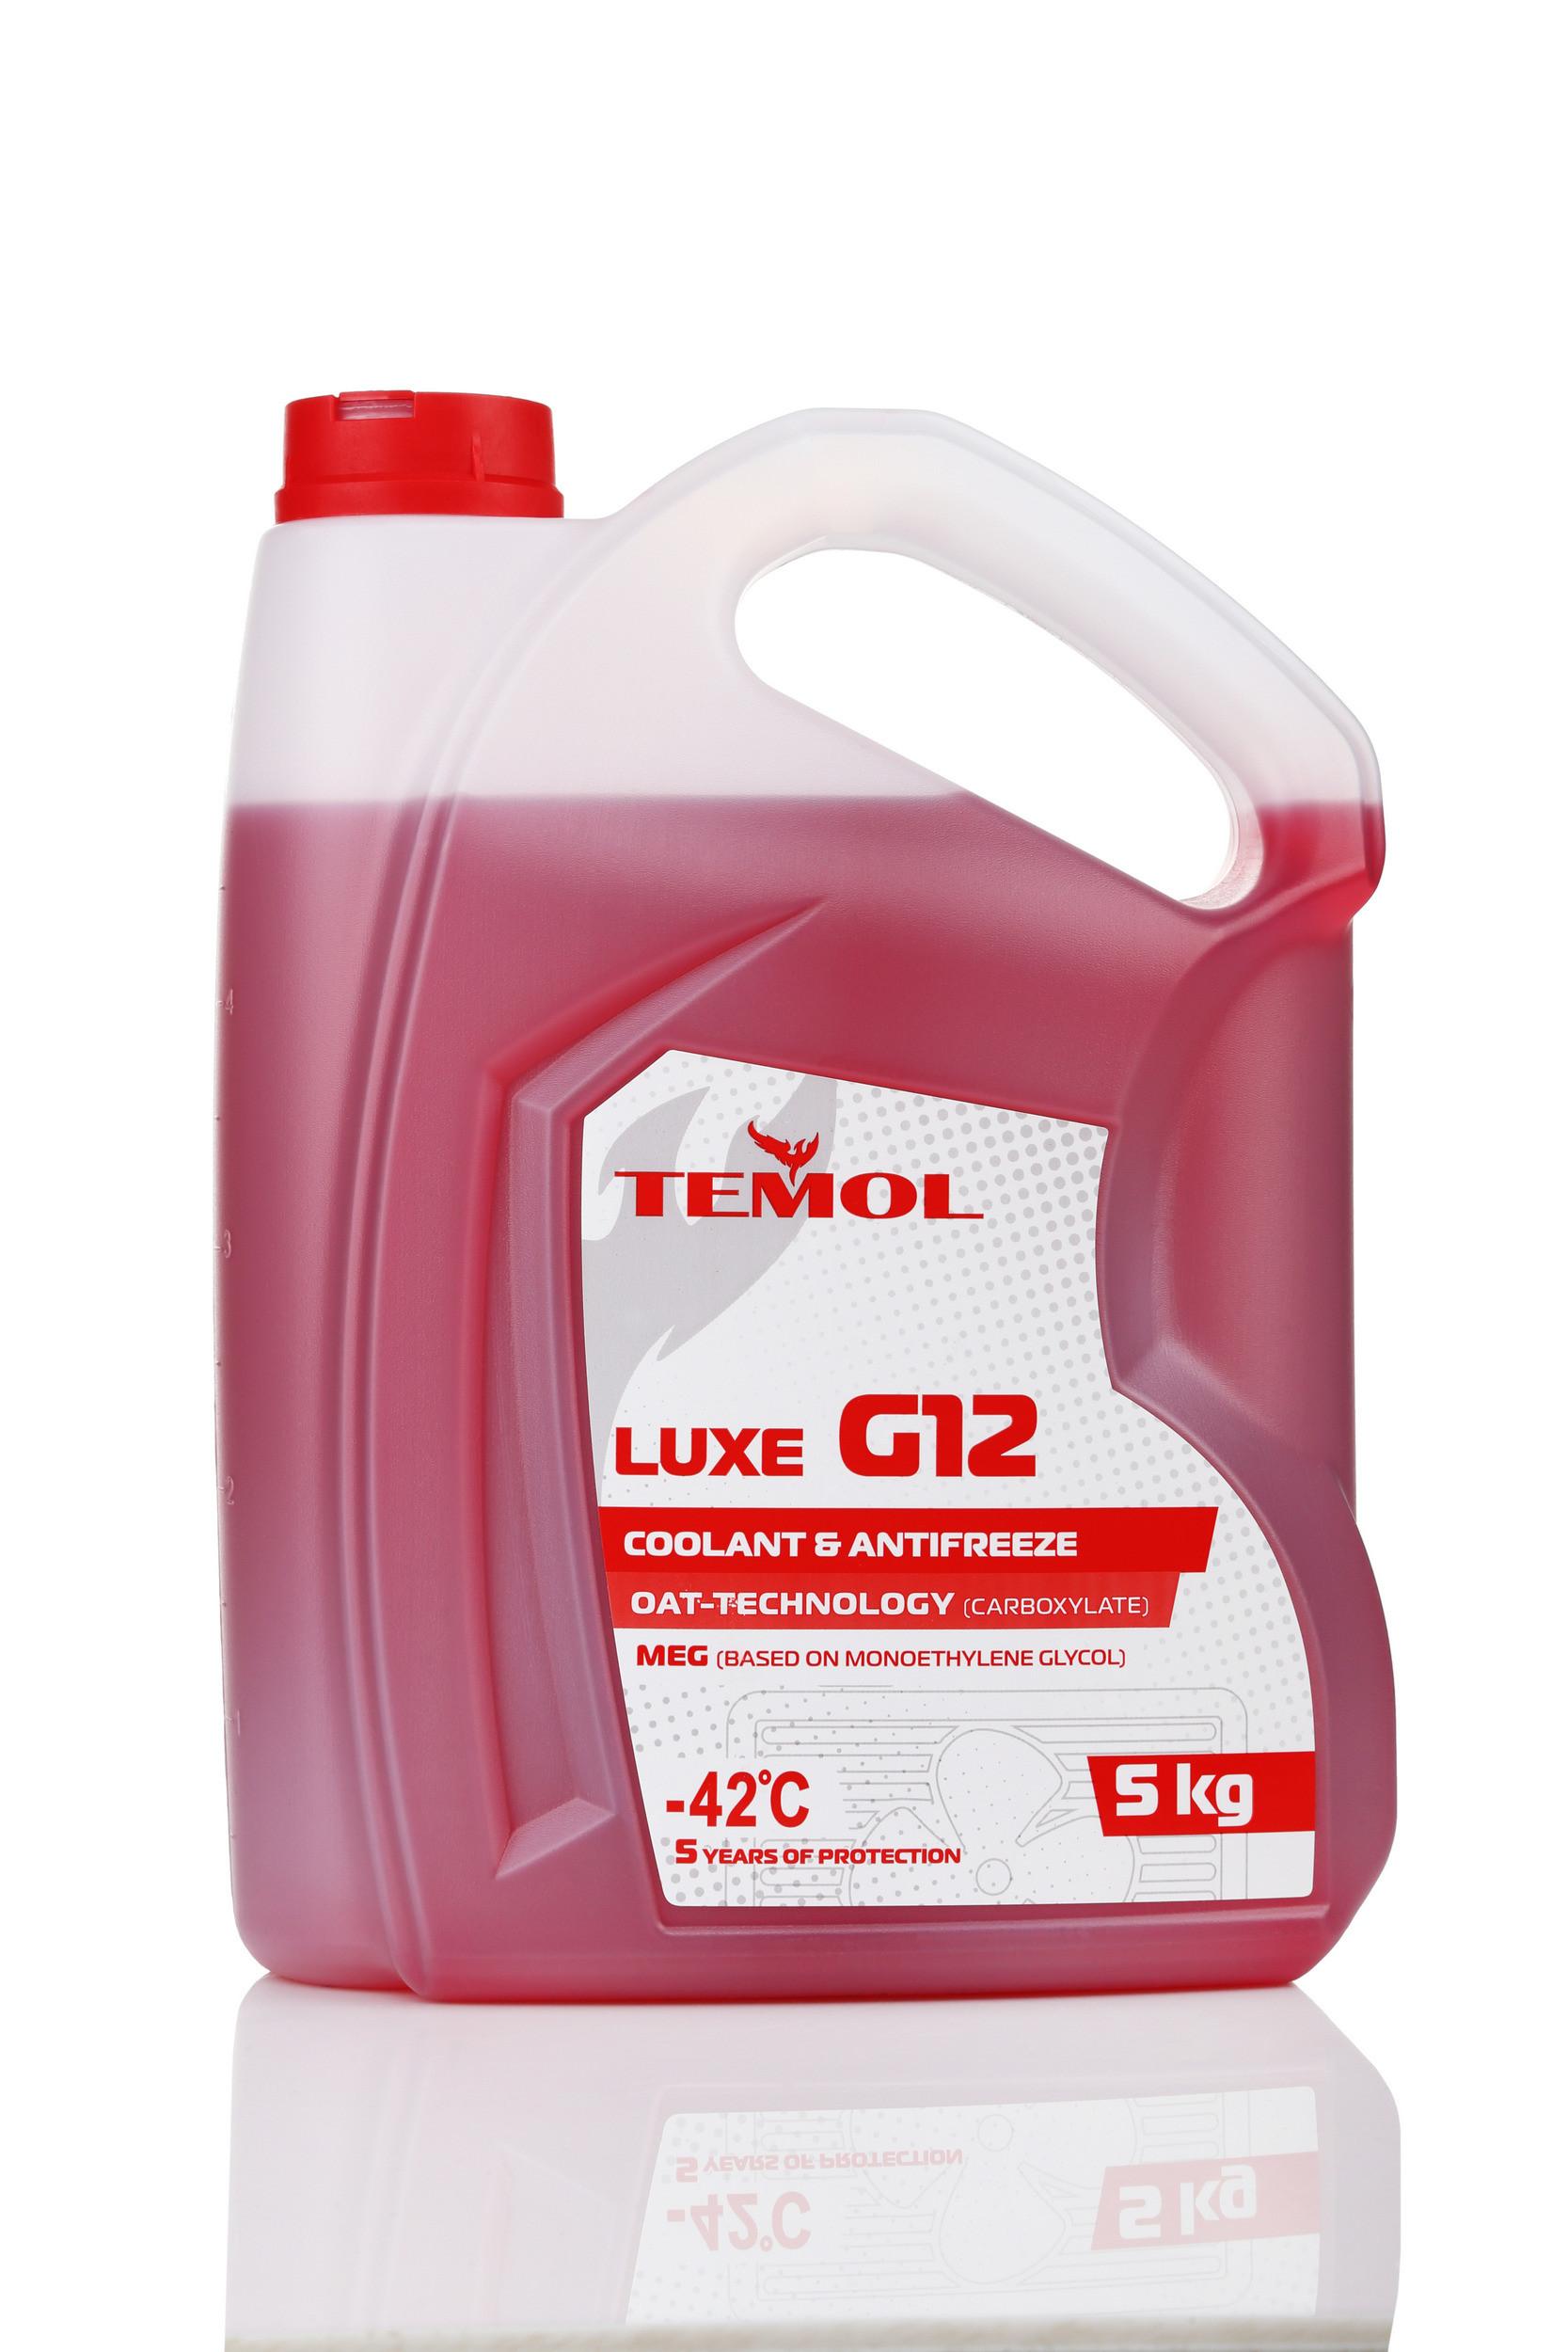 TEMOL ANTIFREEZE LUXE G12 RED - 5L - Temol, официальный интернет-магазин